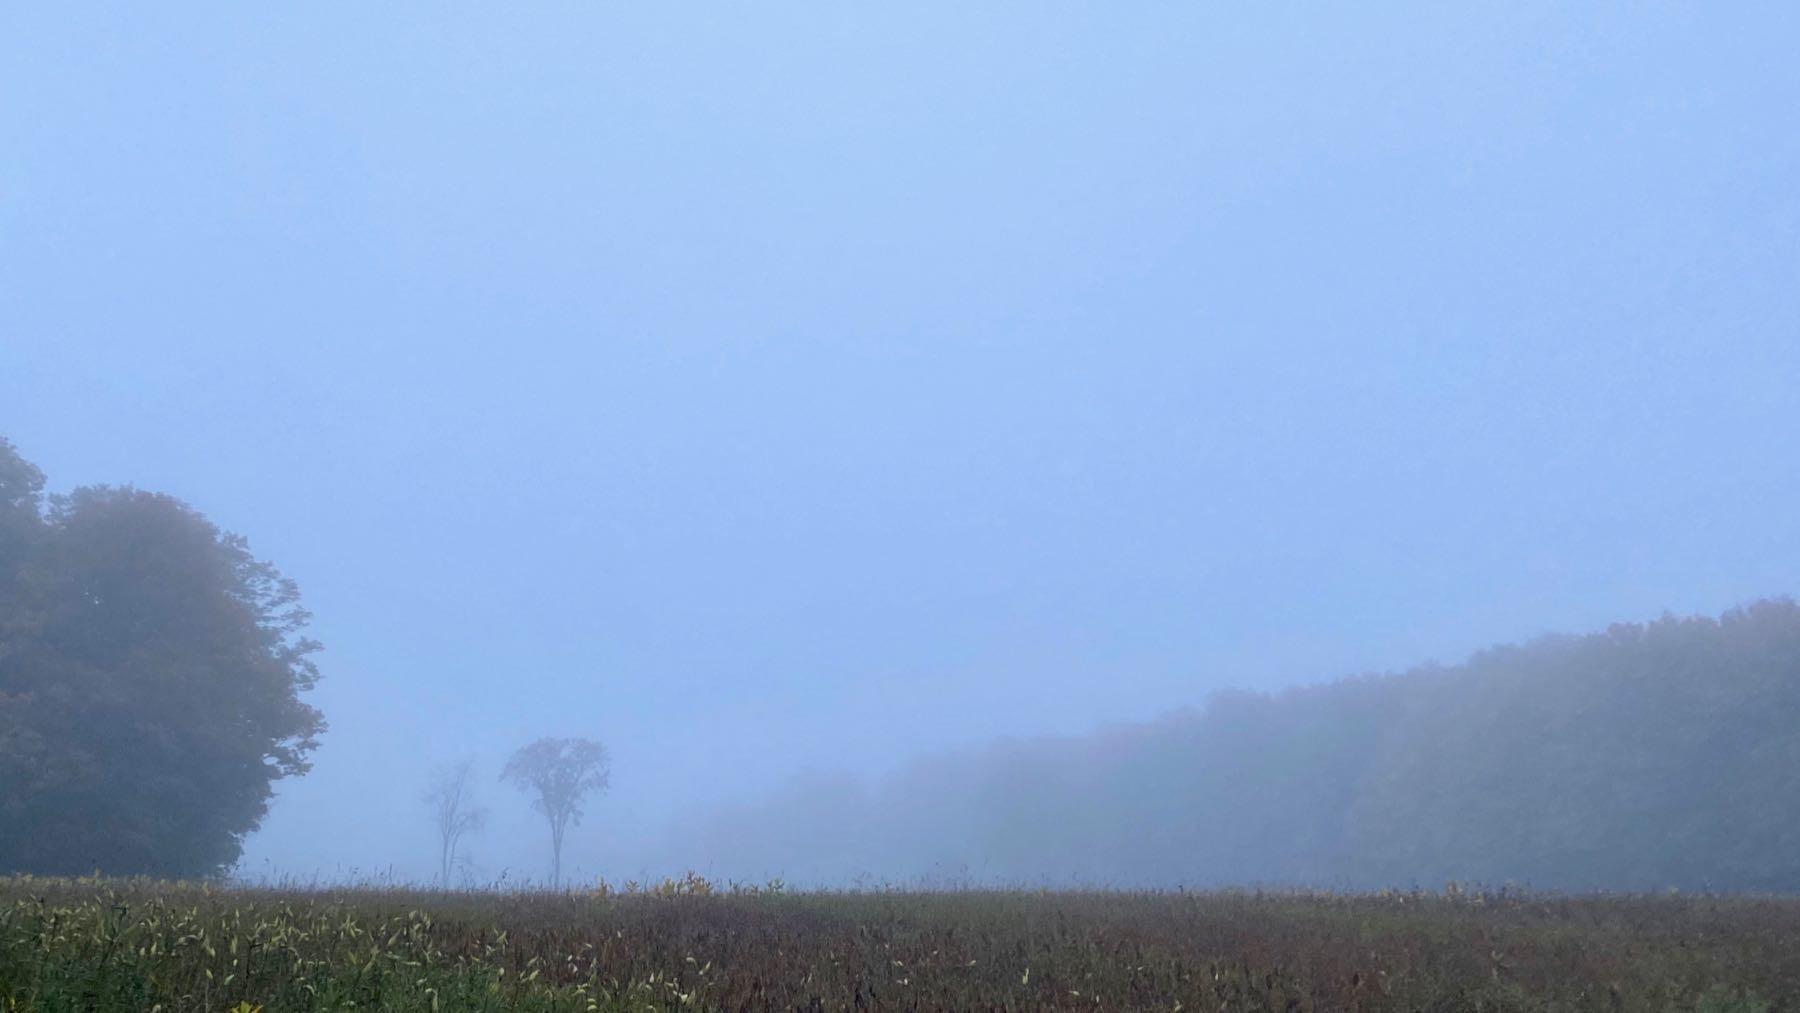 Foggy murky